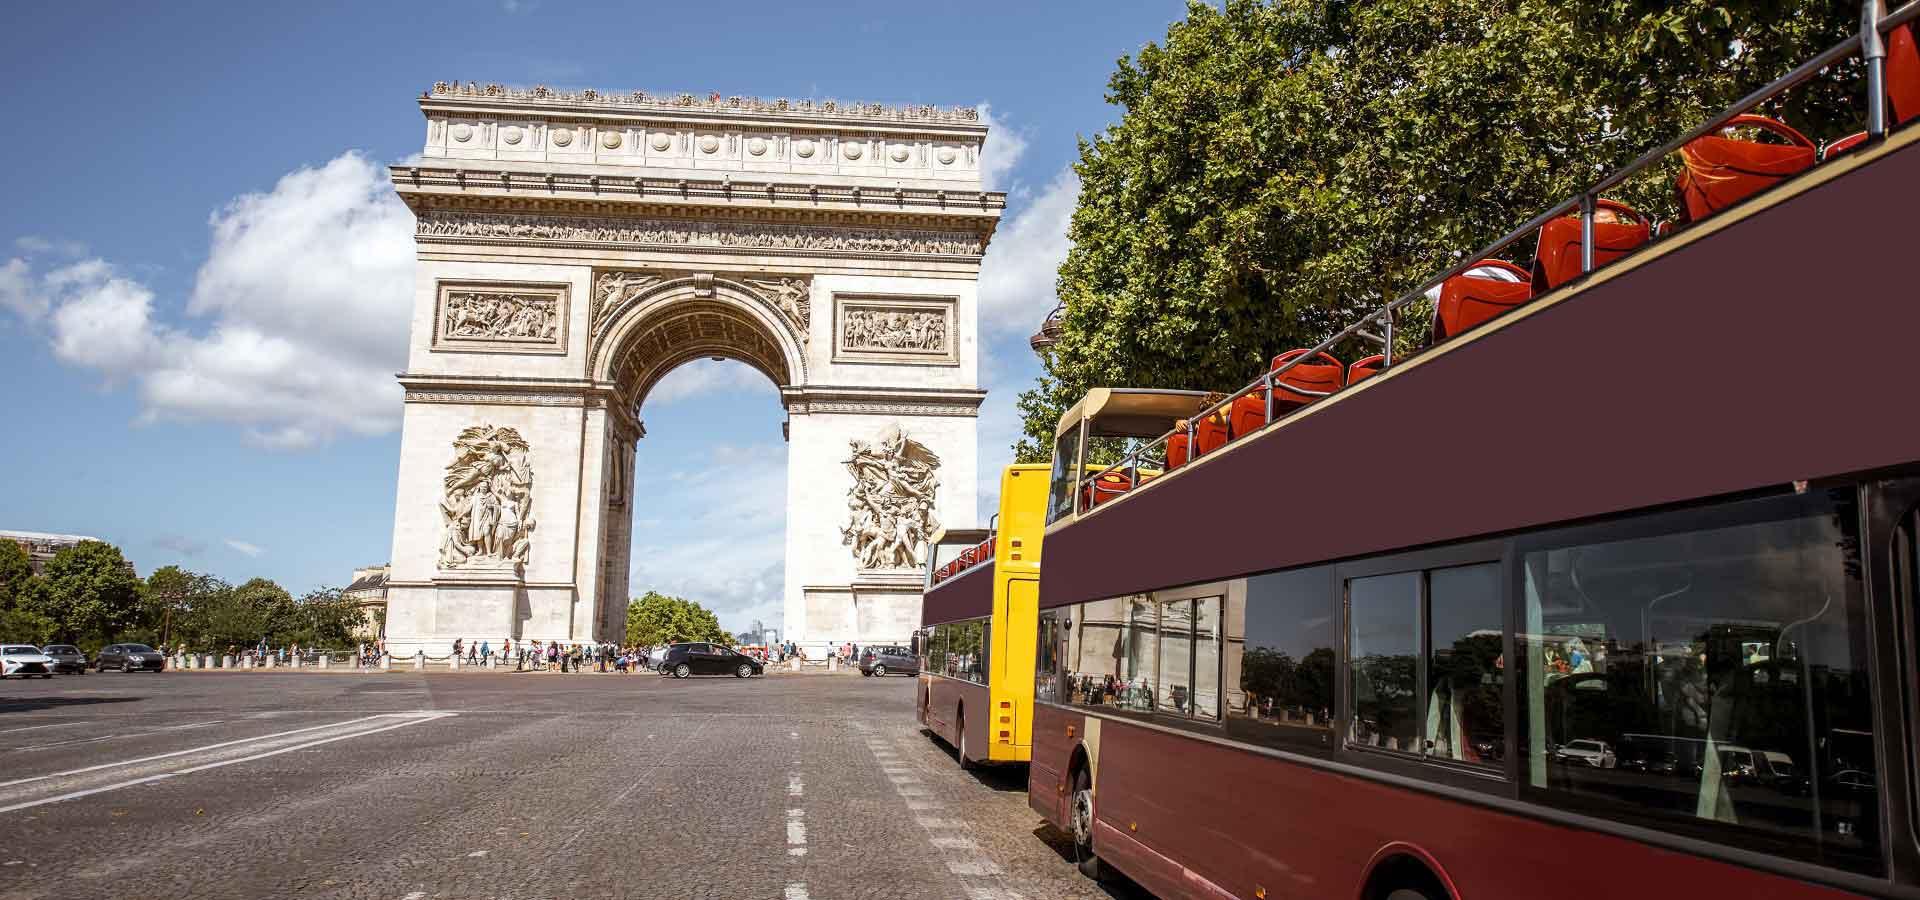 Location de bus à Paris